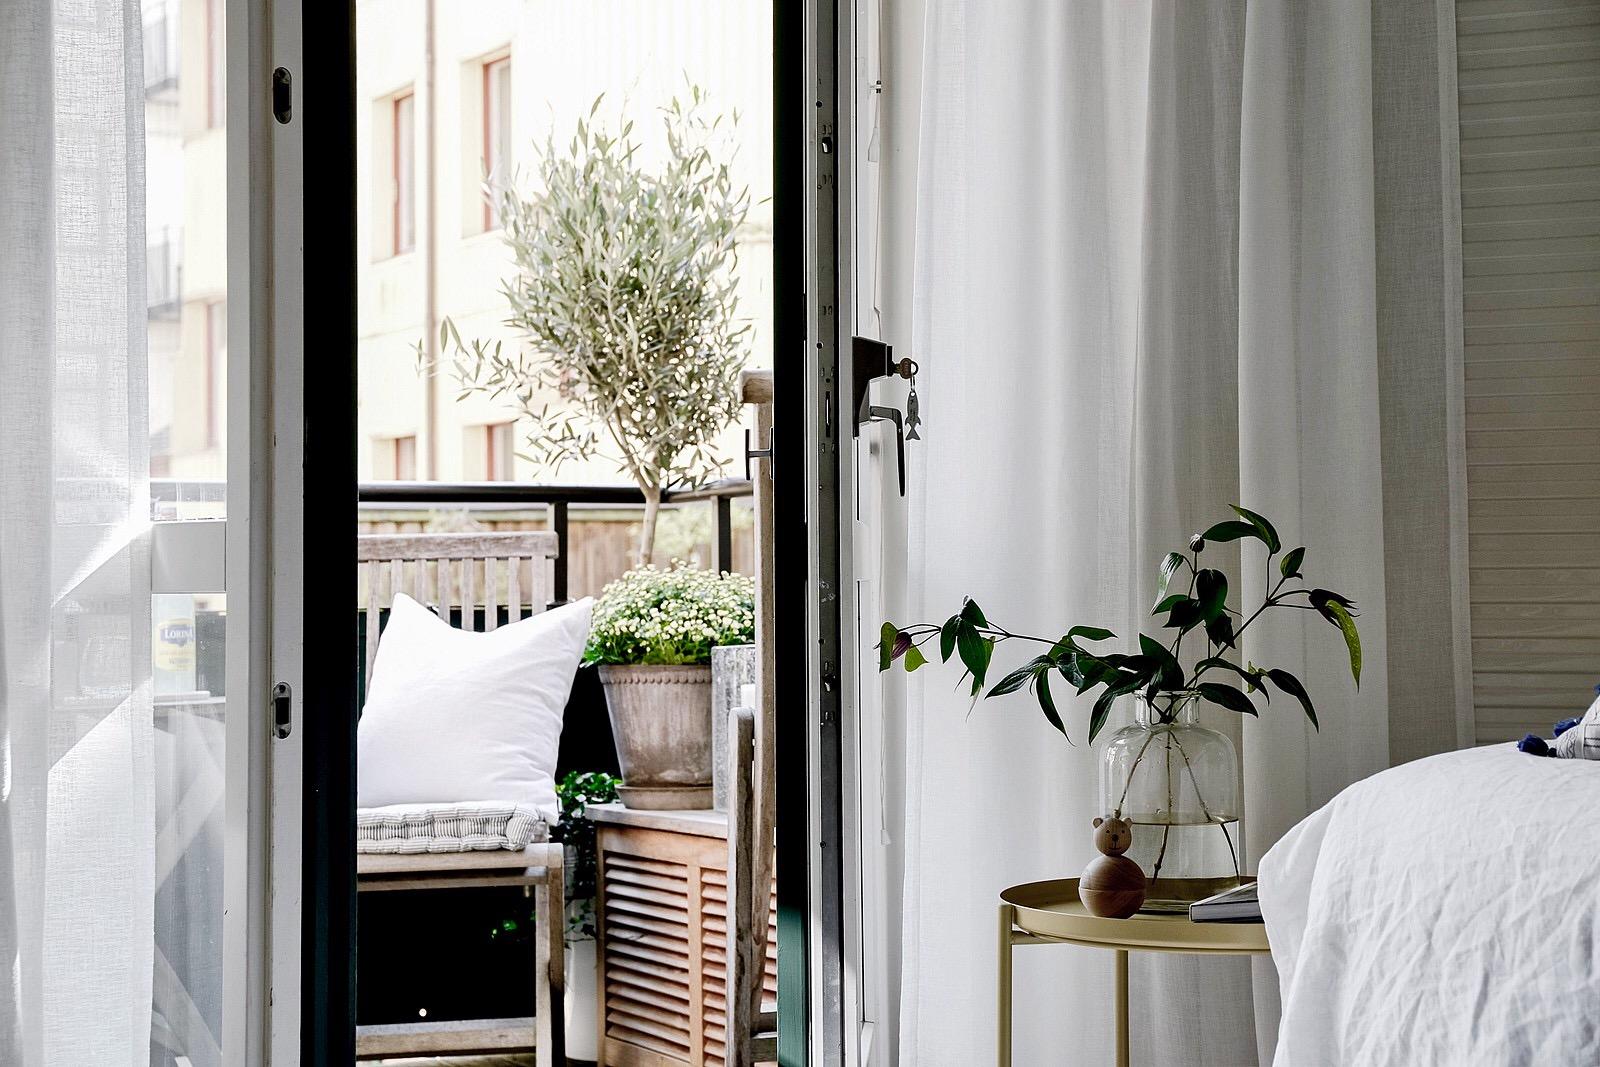 спальня прикроватный столик дверь балкон